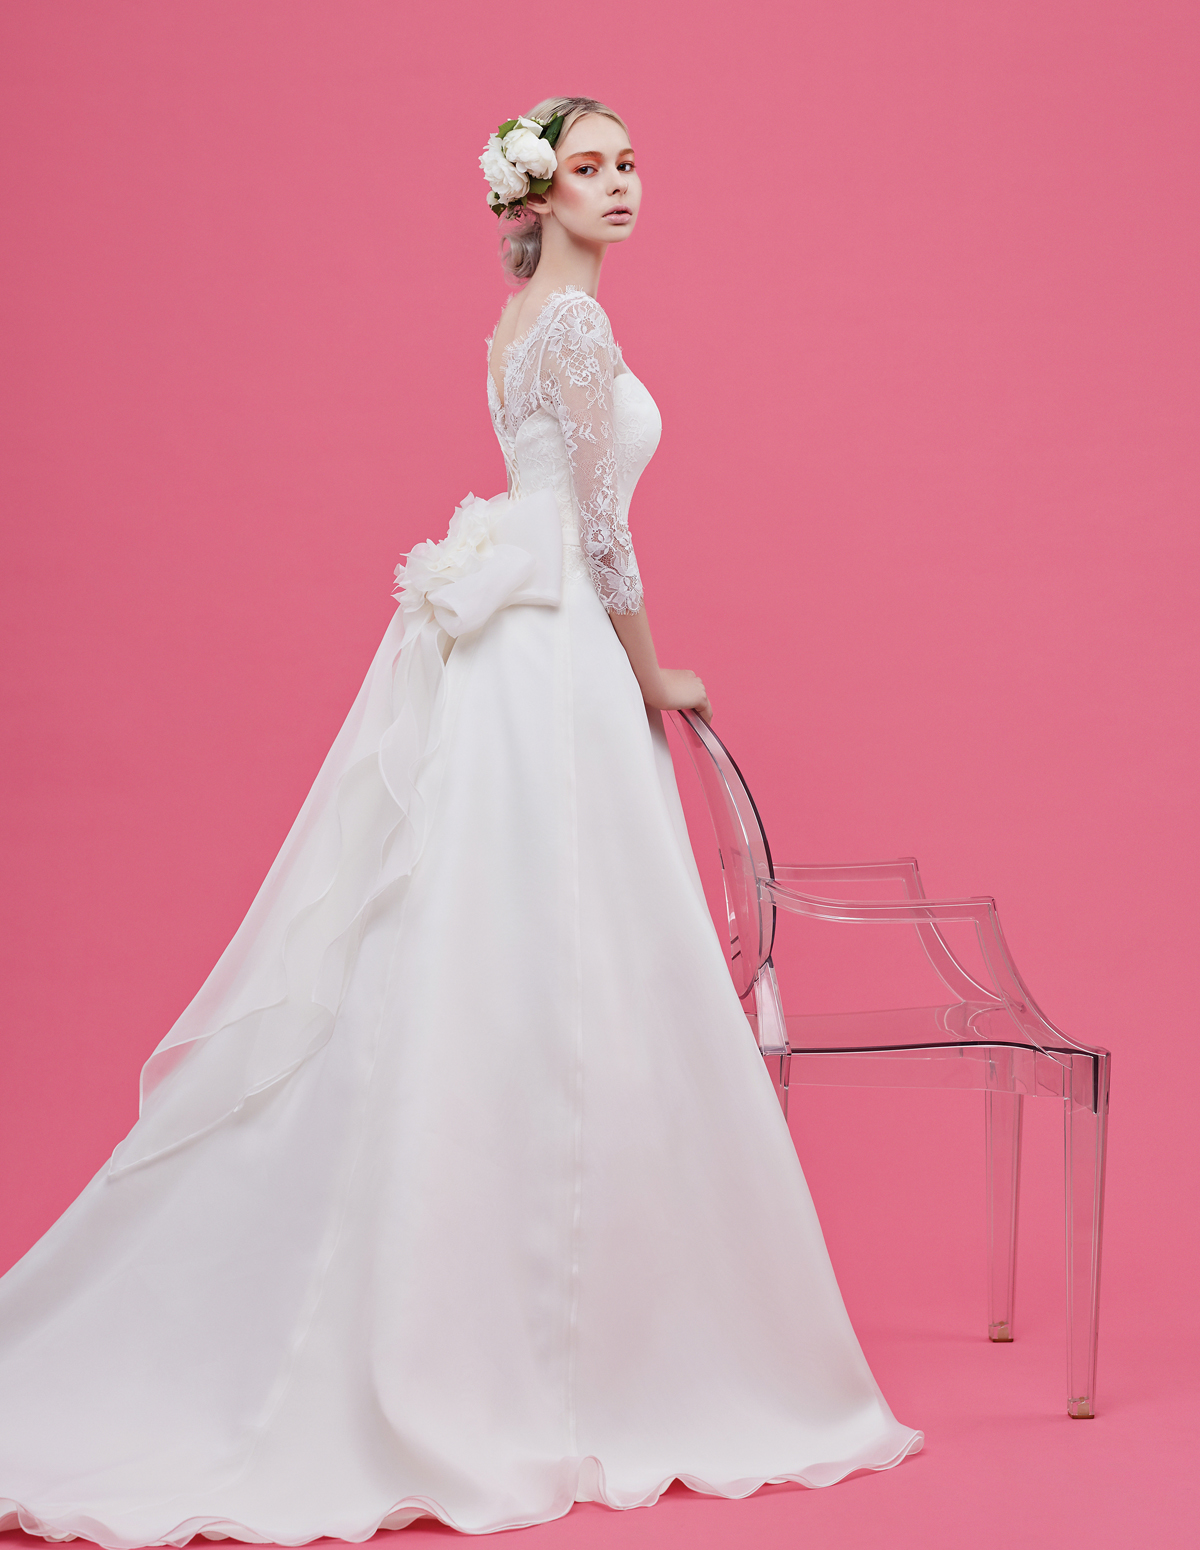 Wedding Dresses - Weddings by Studio N